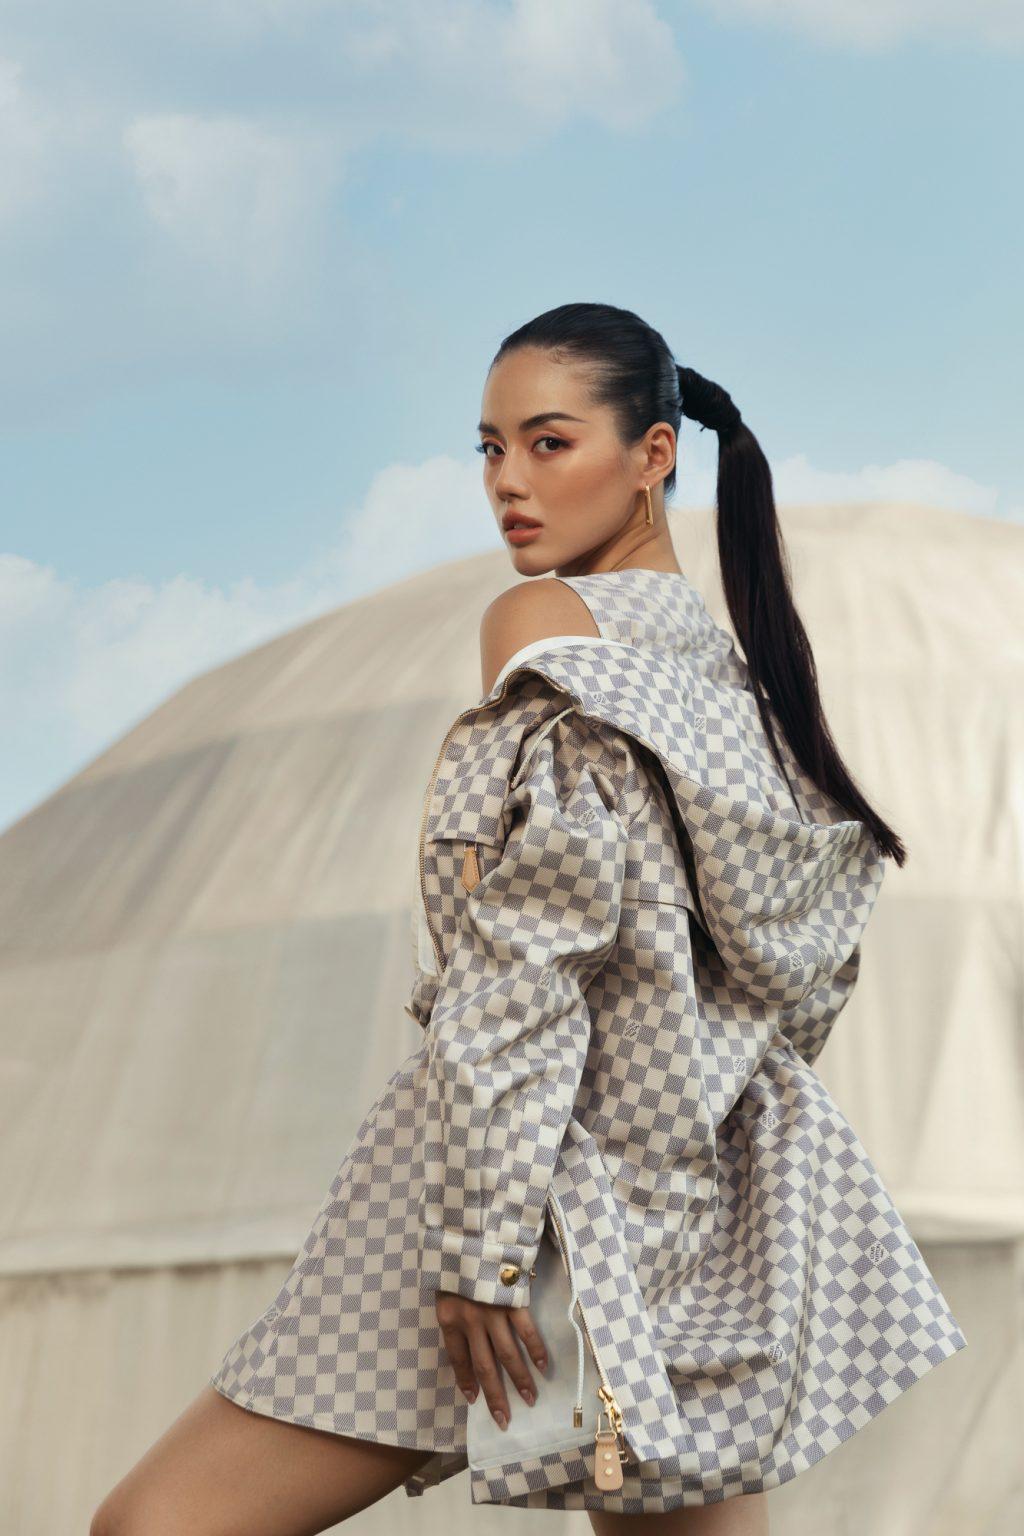 Những tiết lộ của Khánh Linh về nghề Influencer